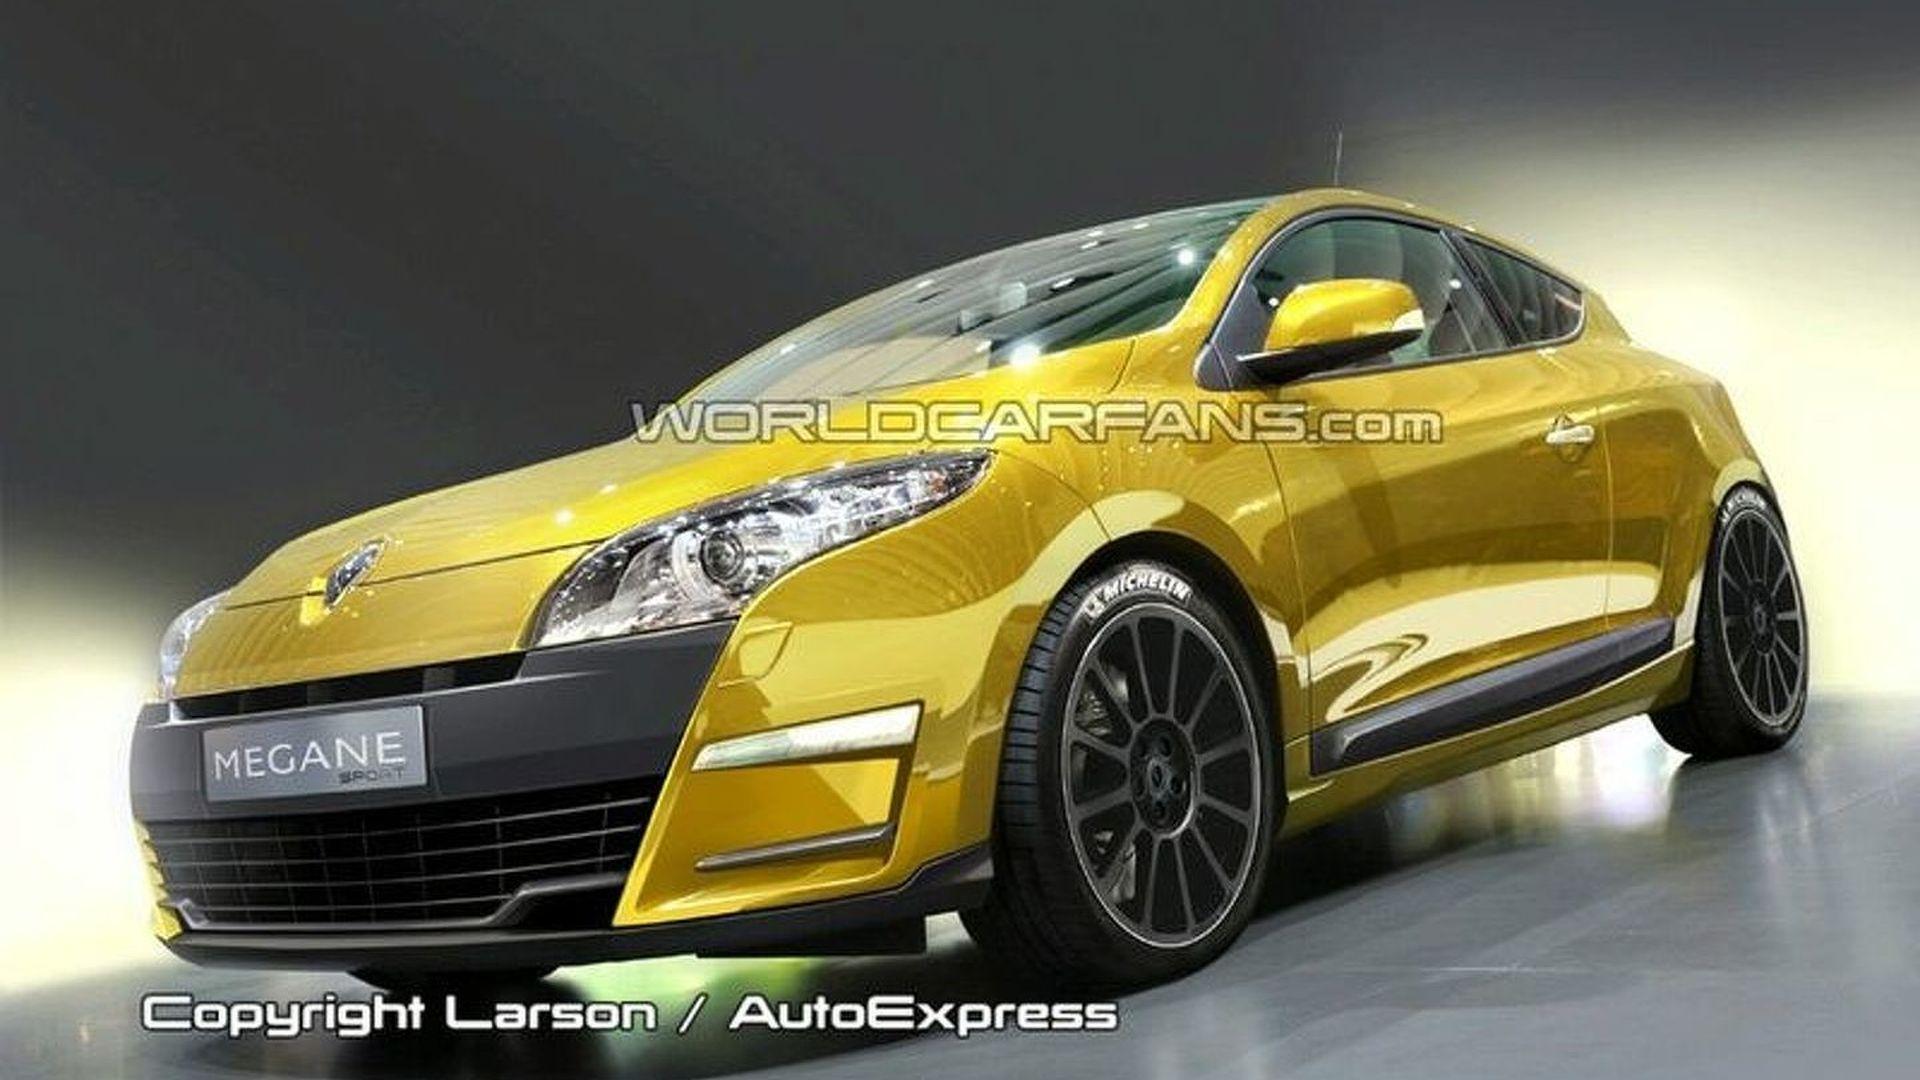 New Renaultsport Megane Headed for Geneva